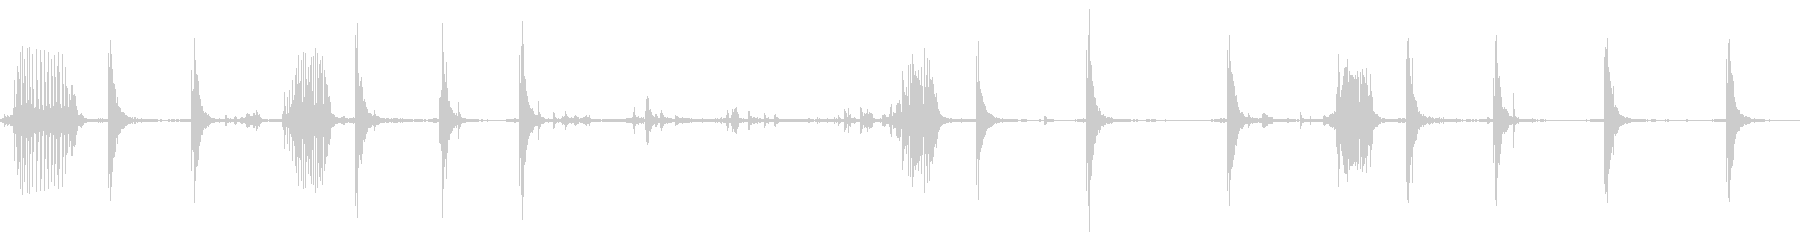 大きなバーンドア:ウィンドバーンア...の未再生の波形